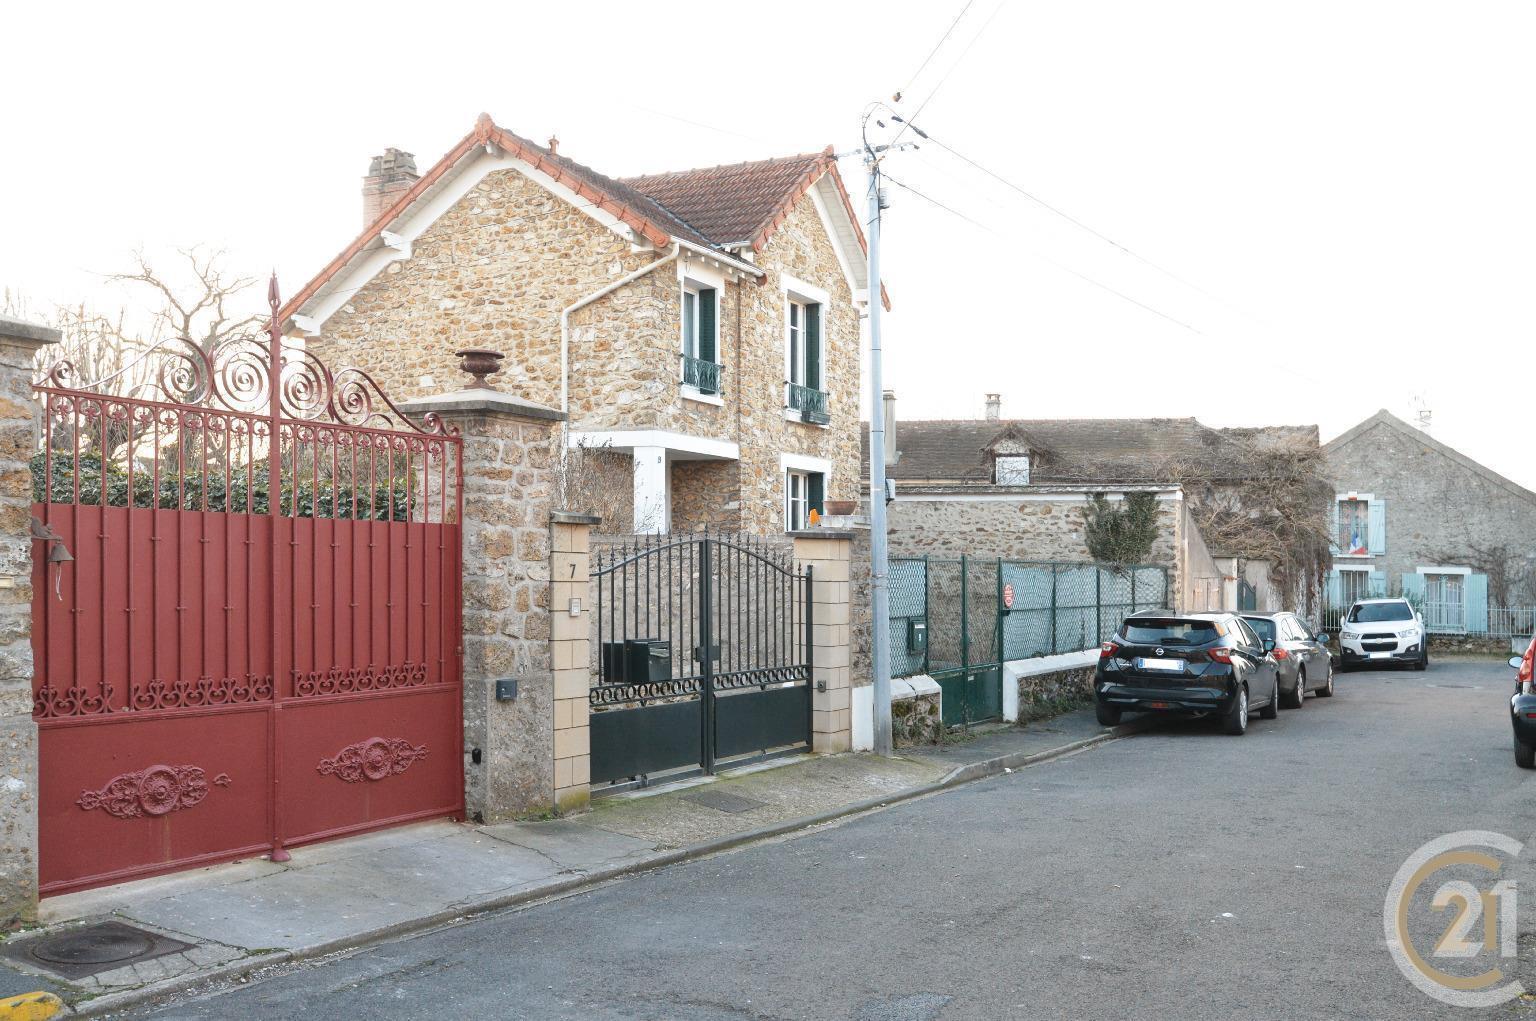 Maison À Vendre - 4 Pièces - 75,0 M2 - Draveil - 91 - Ile-De ... encequiconcerne Maison A Vendre Draveil Paris Jardin